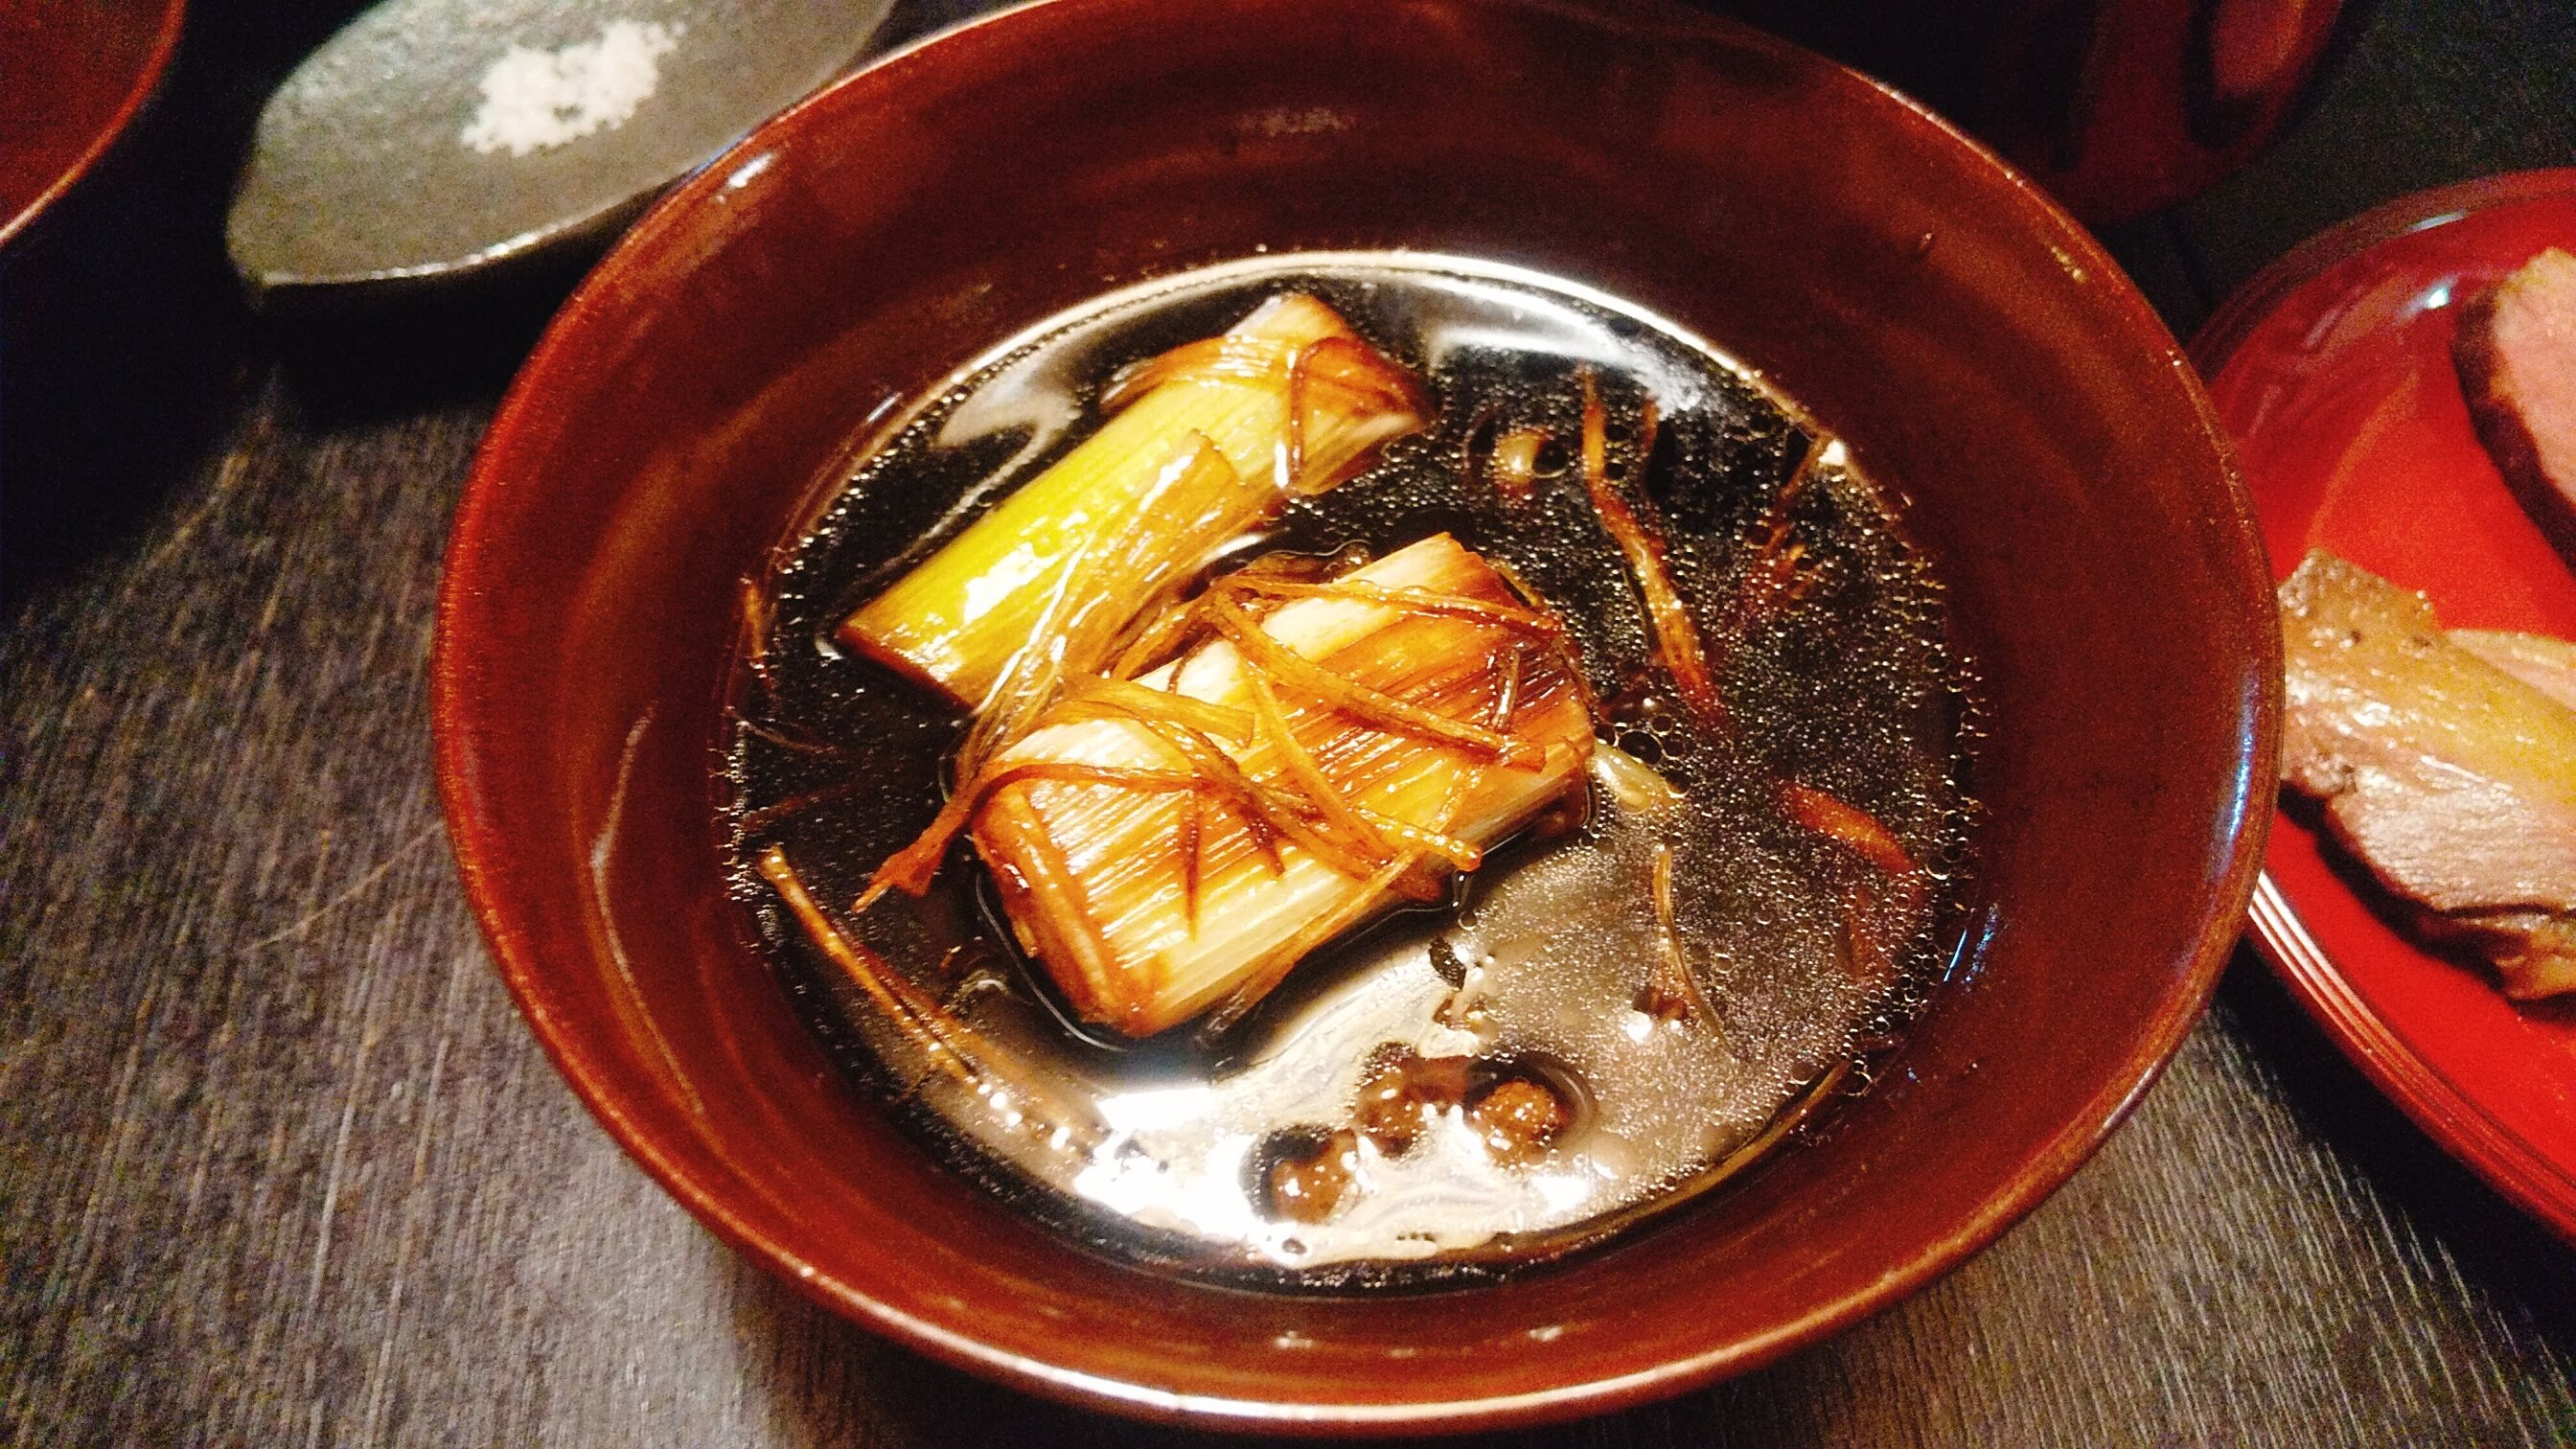 季織亭の手打ち小麦蕎麦のつけ汁アップの写真